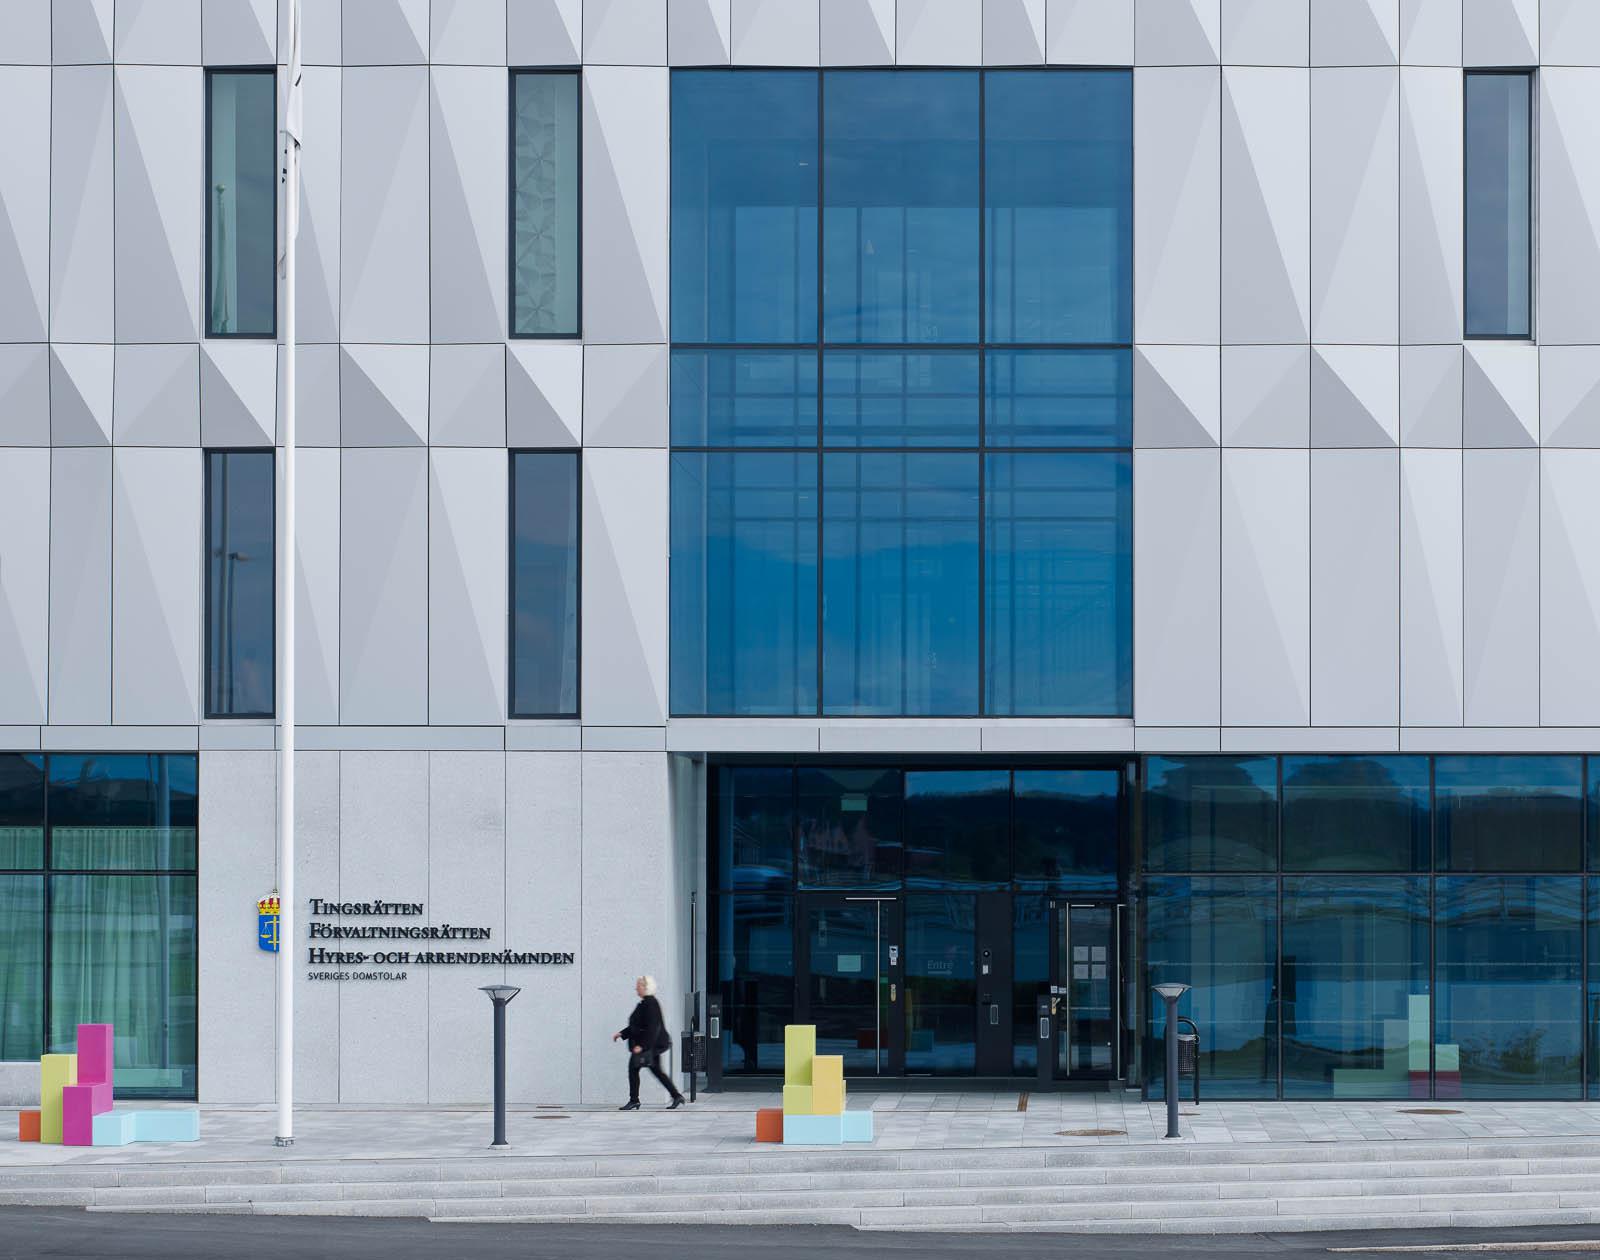 Fasaden till Jönköpings Tings- och Förvaltningsrätter med två skulpturer vid ingången. Jacob Dahlgren, Tetris, 2012.